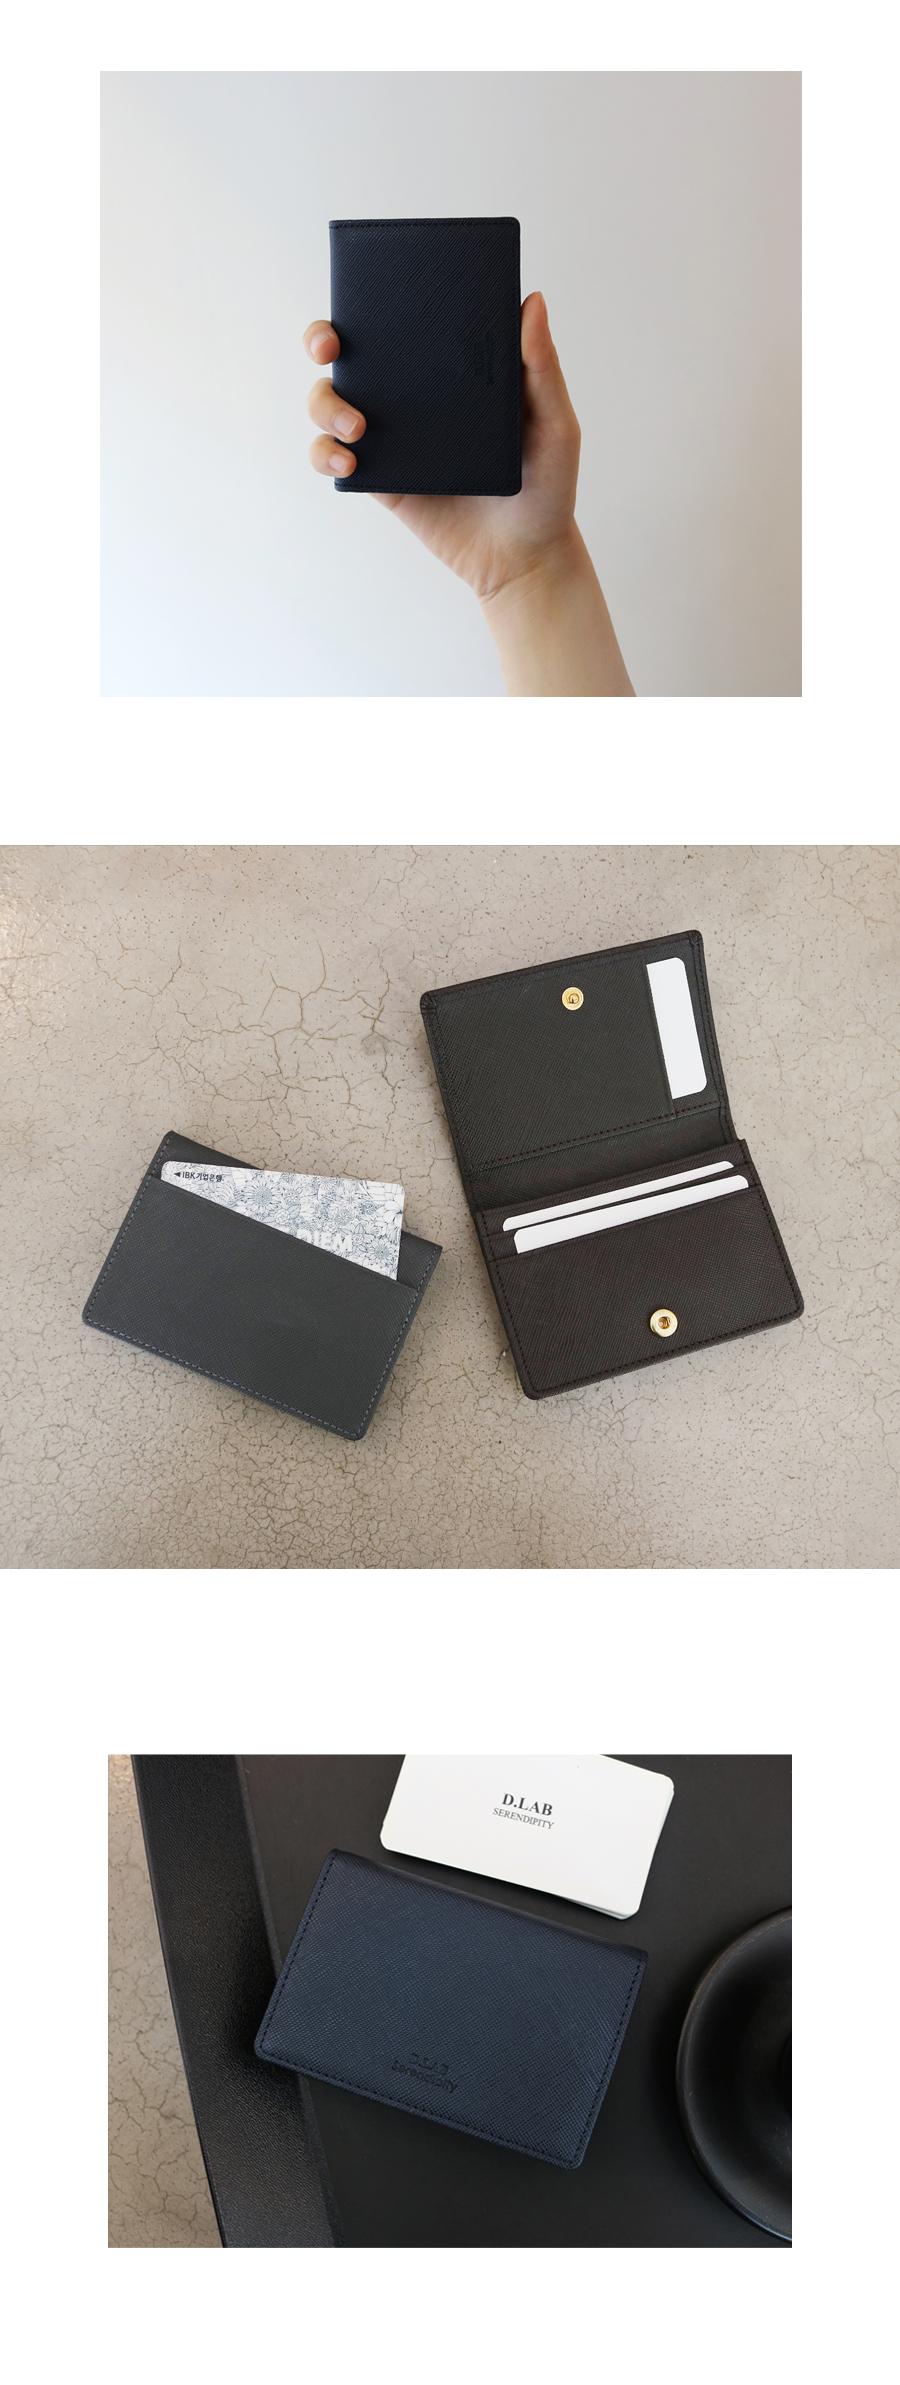 디랩(D.LAB) Basic Leather Namecard wallet -3 colors/ 명함지갑